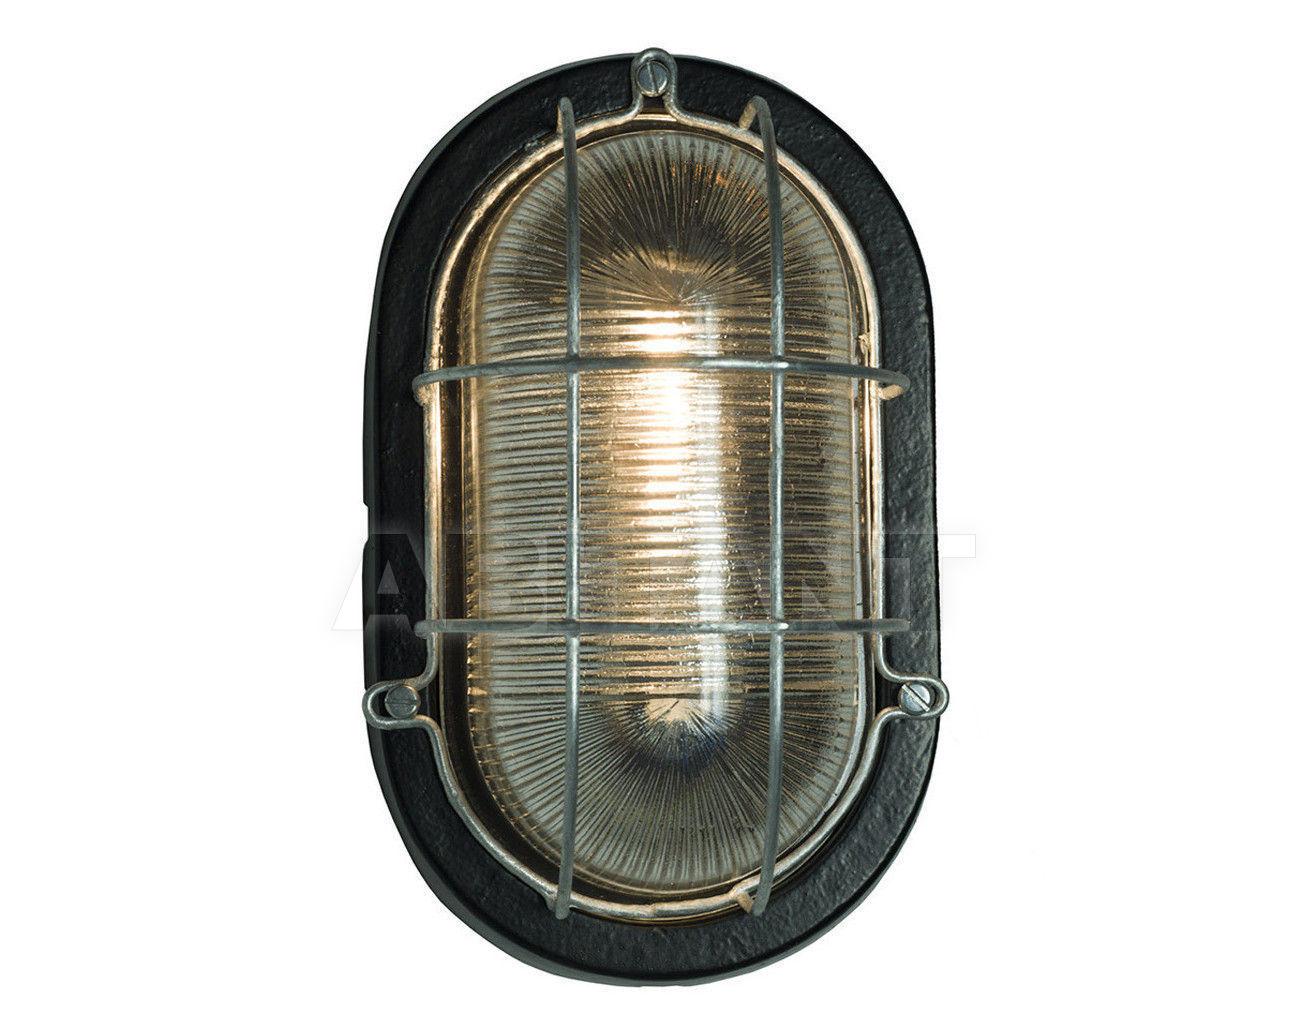 Купить Светильник Davey Lighting Bulkhead Lights 7003/BL/G24